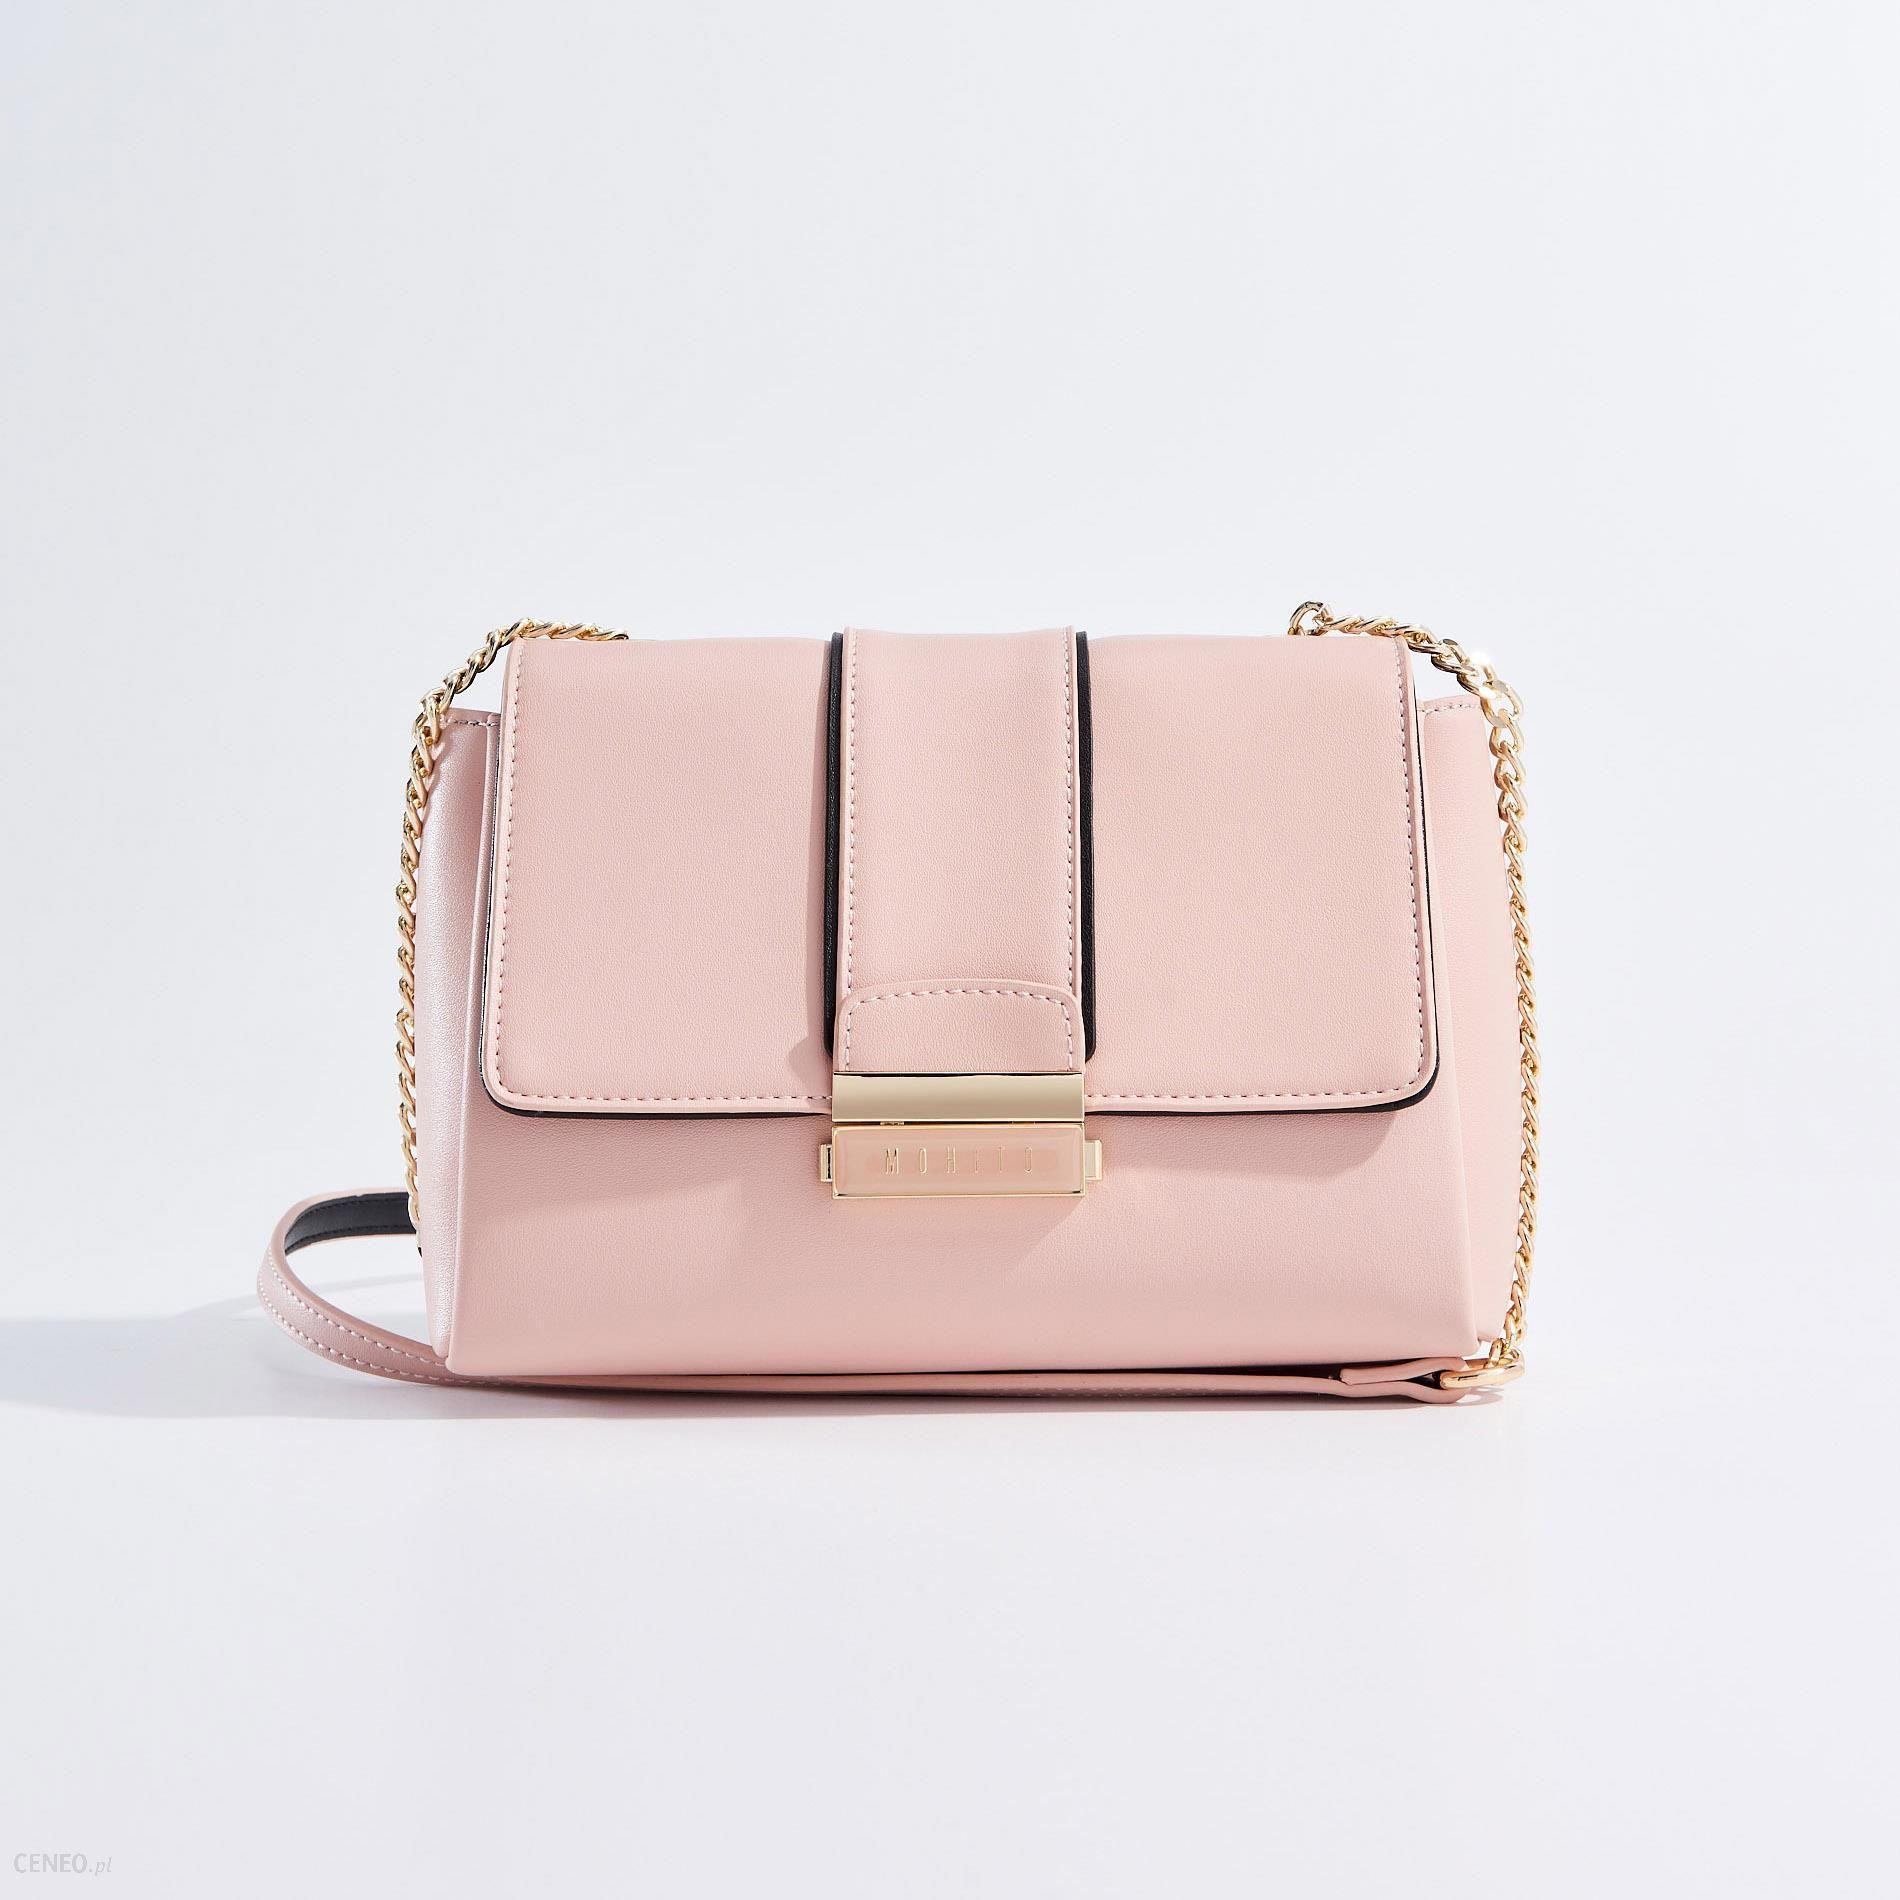 b4906f2fcf687 Mohito - Mała torebka na łańcuszku - Różowy - Ceny i opinie - Ceneo.pl